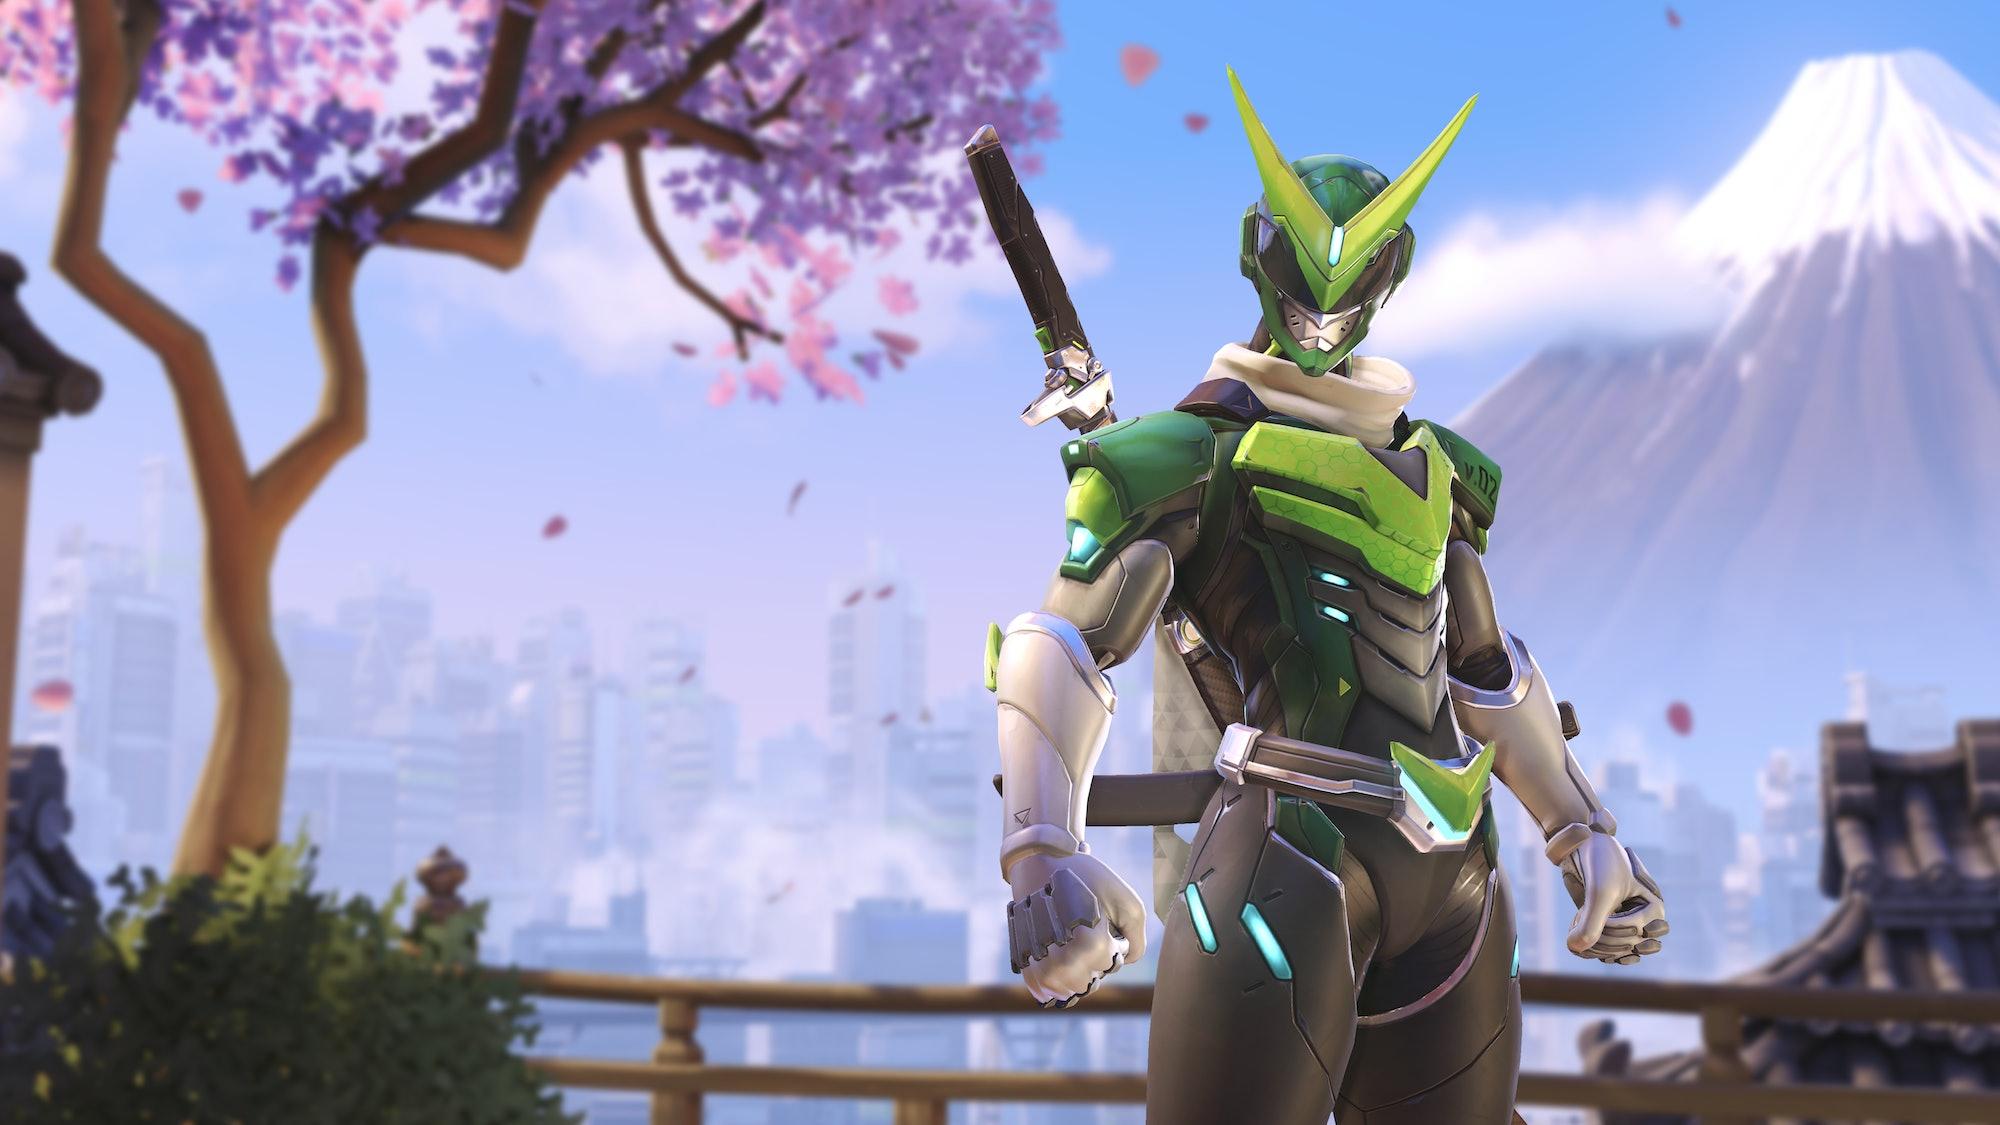 Overwatch Sentai Genji